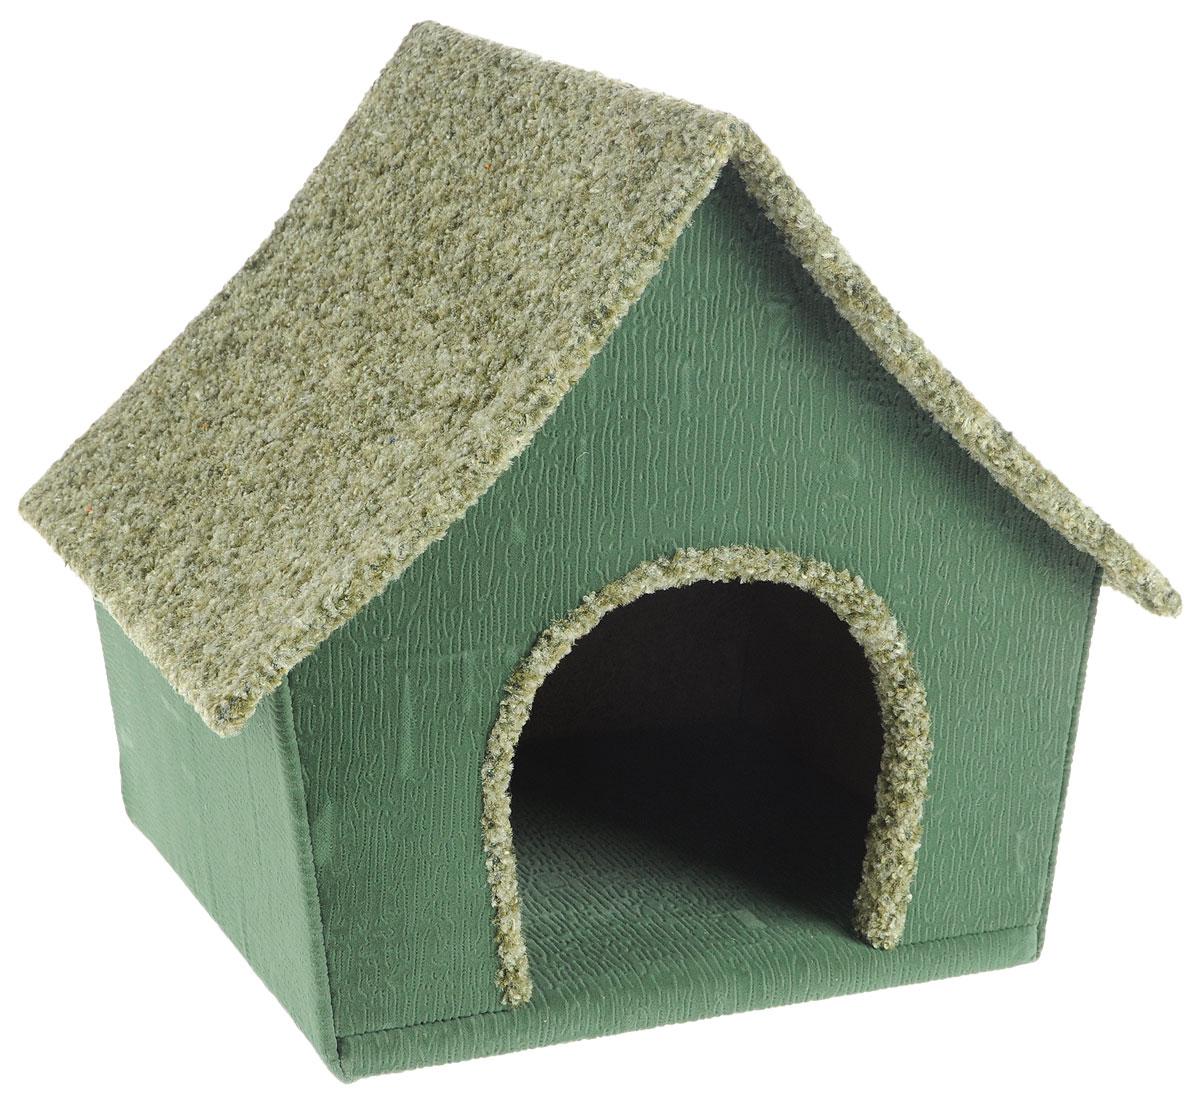 Домик для животных Неженка Китайский, цвет: зеленый, 42 х 36 х 38 см7317_зеленыйБольшой, уютный домик Китайский, выполненный из ДСП, обитый тканью, отлично подойдет для вашего любимца. Такой домик станет не только идеальным местом для сна вашего питомца, но и местом для отдыха. Для максимального комфорта наружные части обтянуты мягкой тканью. Изделие имеет большой вход. Удобный и мягкий, он станет не только отличным домиком для вашего любимца, но еще и оригинальным украшением интерьера.